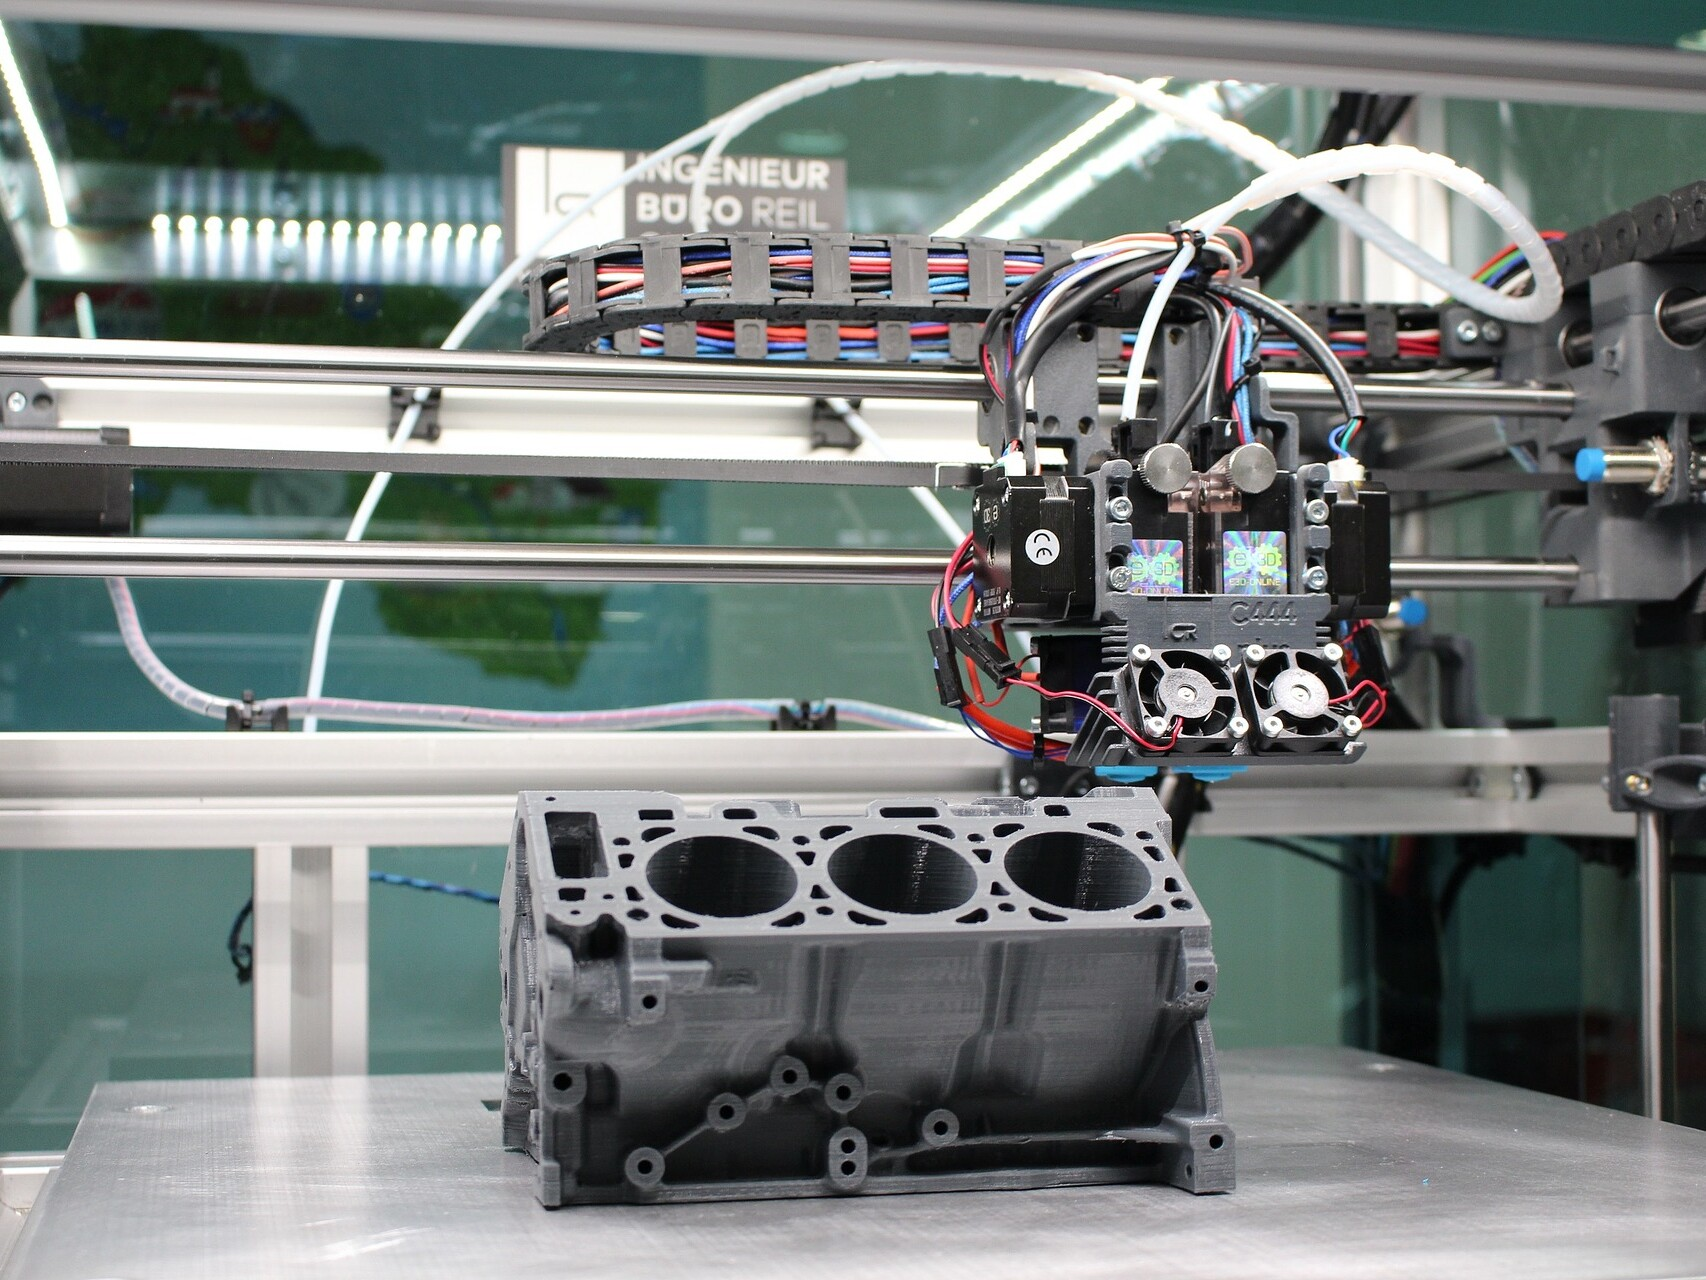 Ein 3D-Drucker druckt einen Motorblock aus Kunststoff.